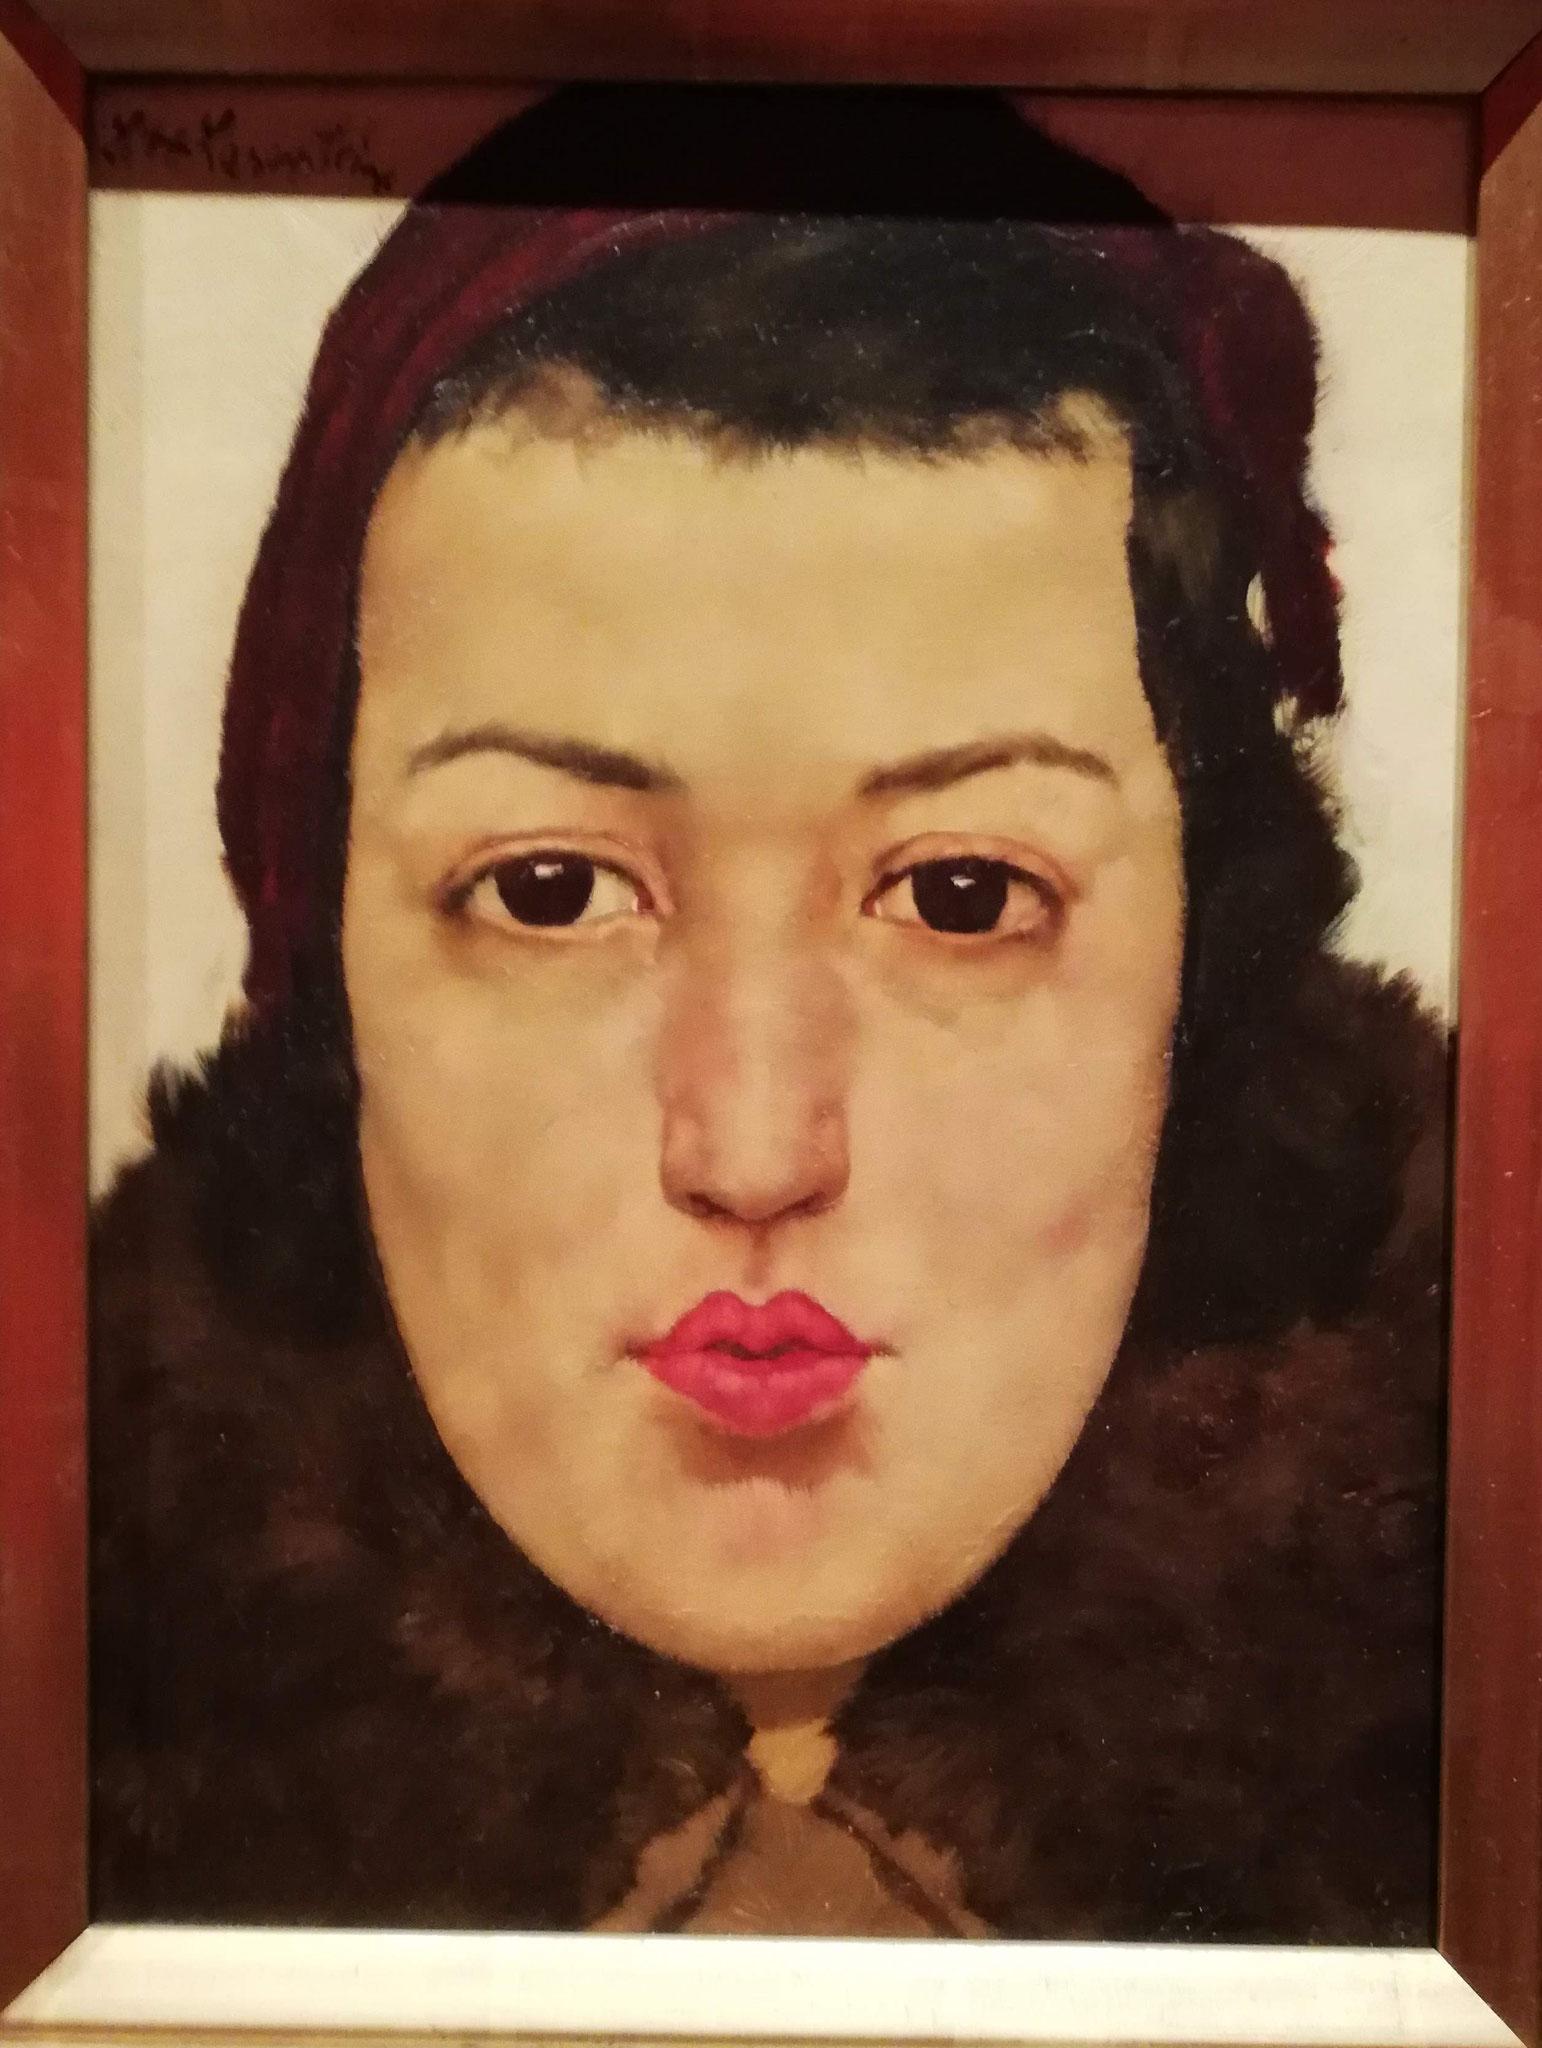 Lotte Laserstein, Russisches Mädchen, 1928